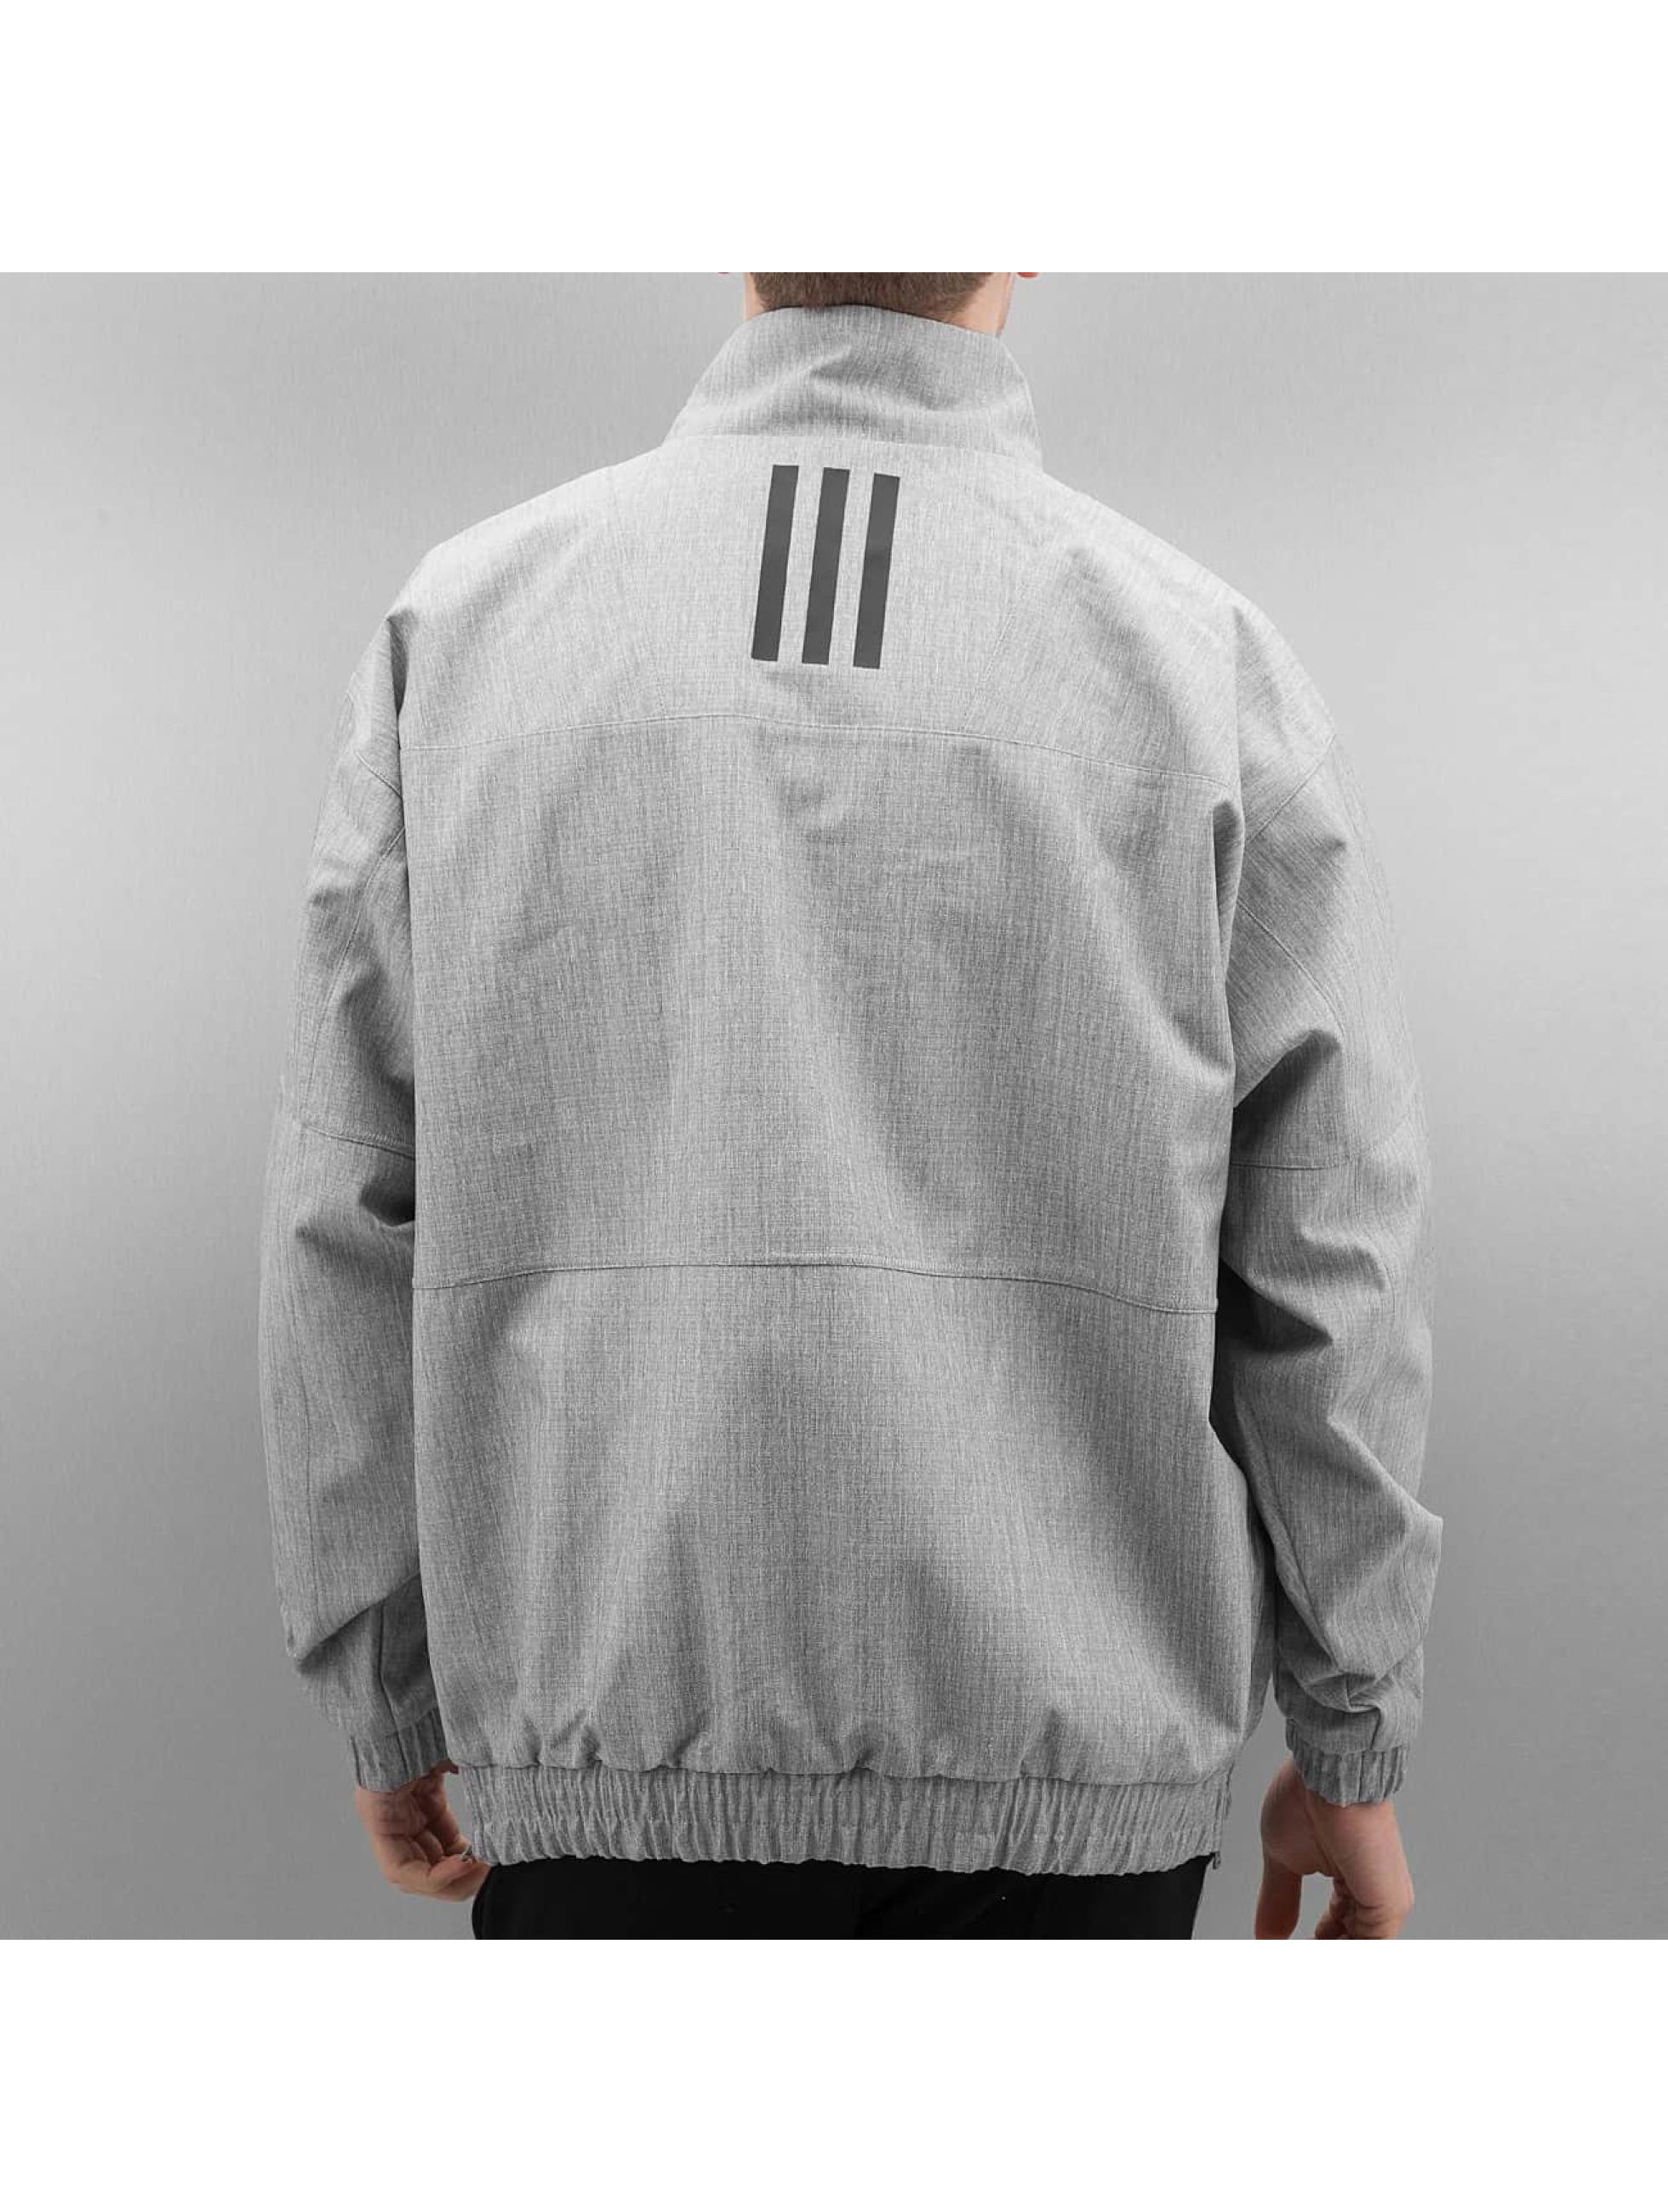 adidas originals Lightweight Jacket Orinova grey